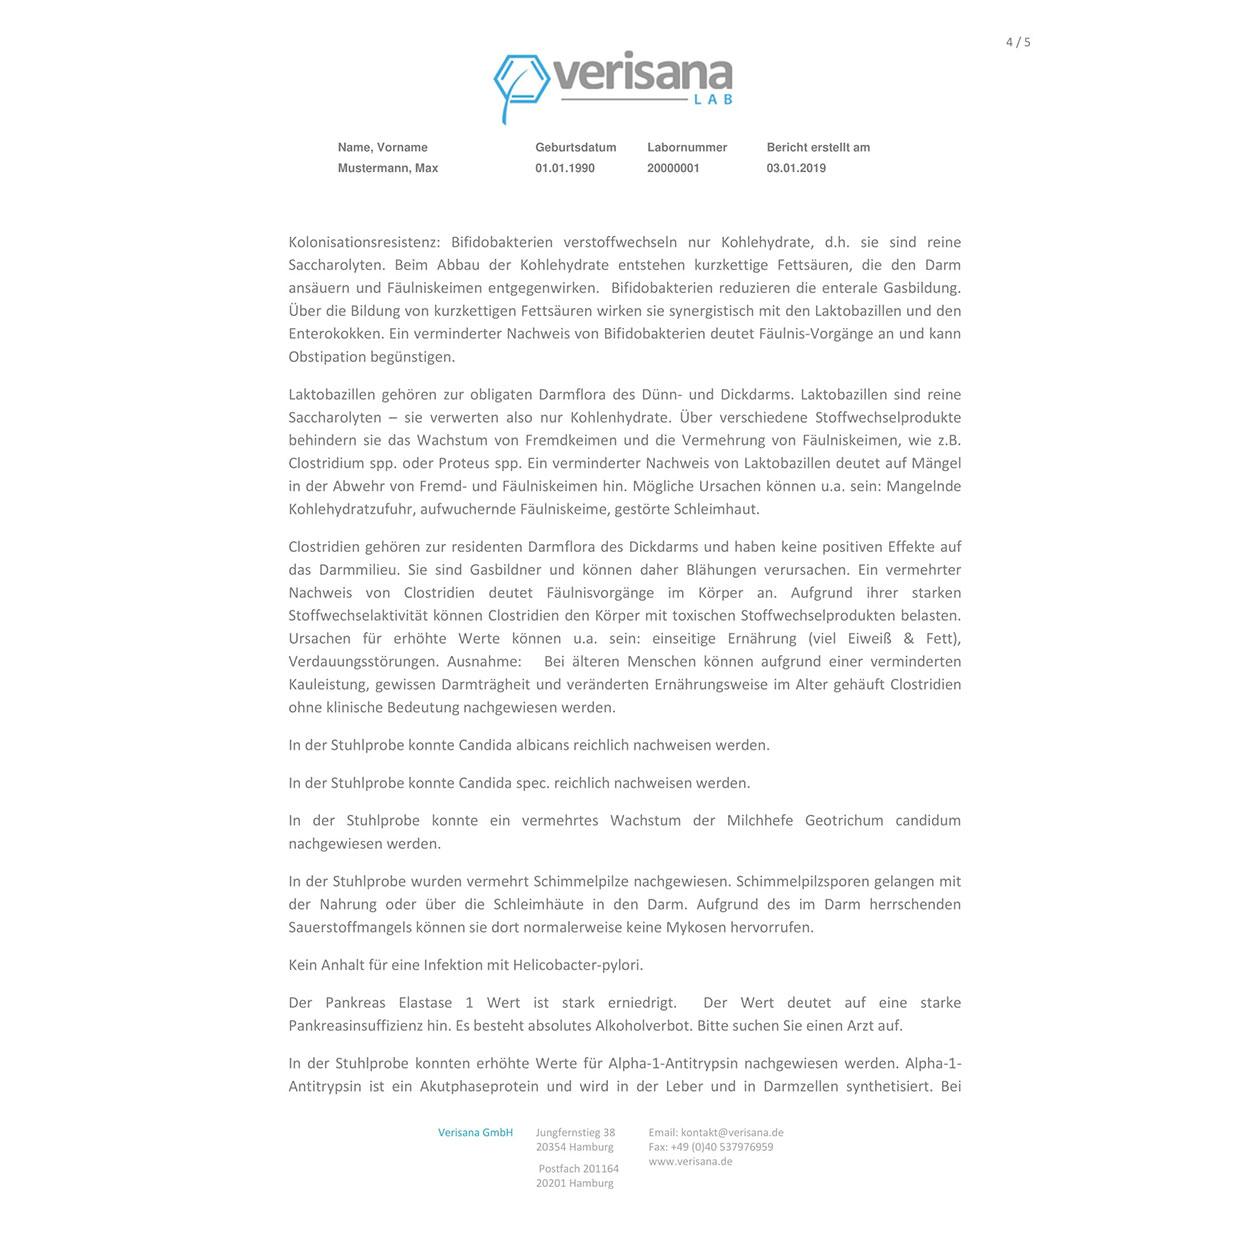 Gesundheitscheck Darm, Labormusterbefund Seite 4